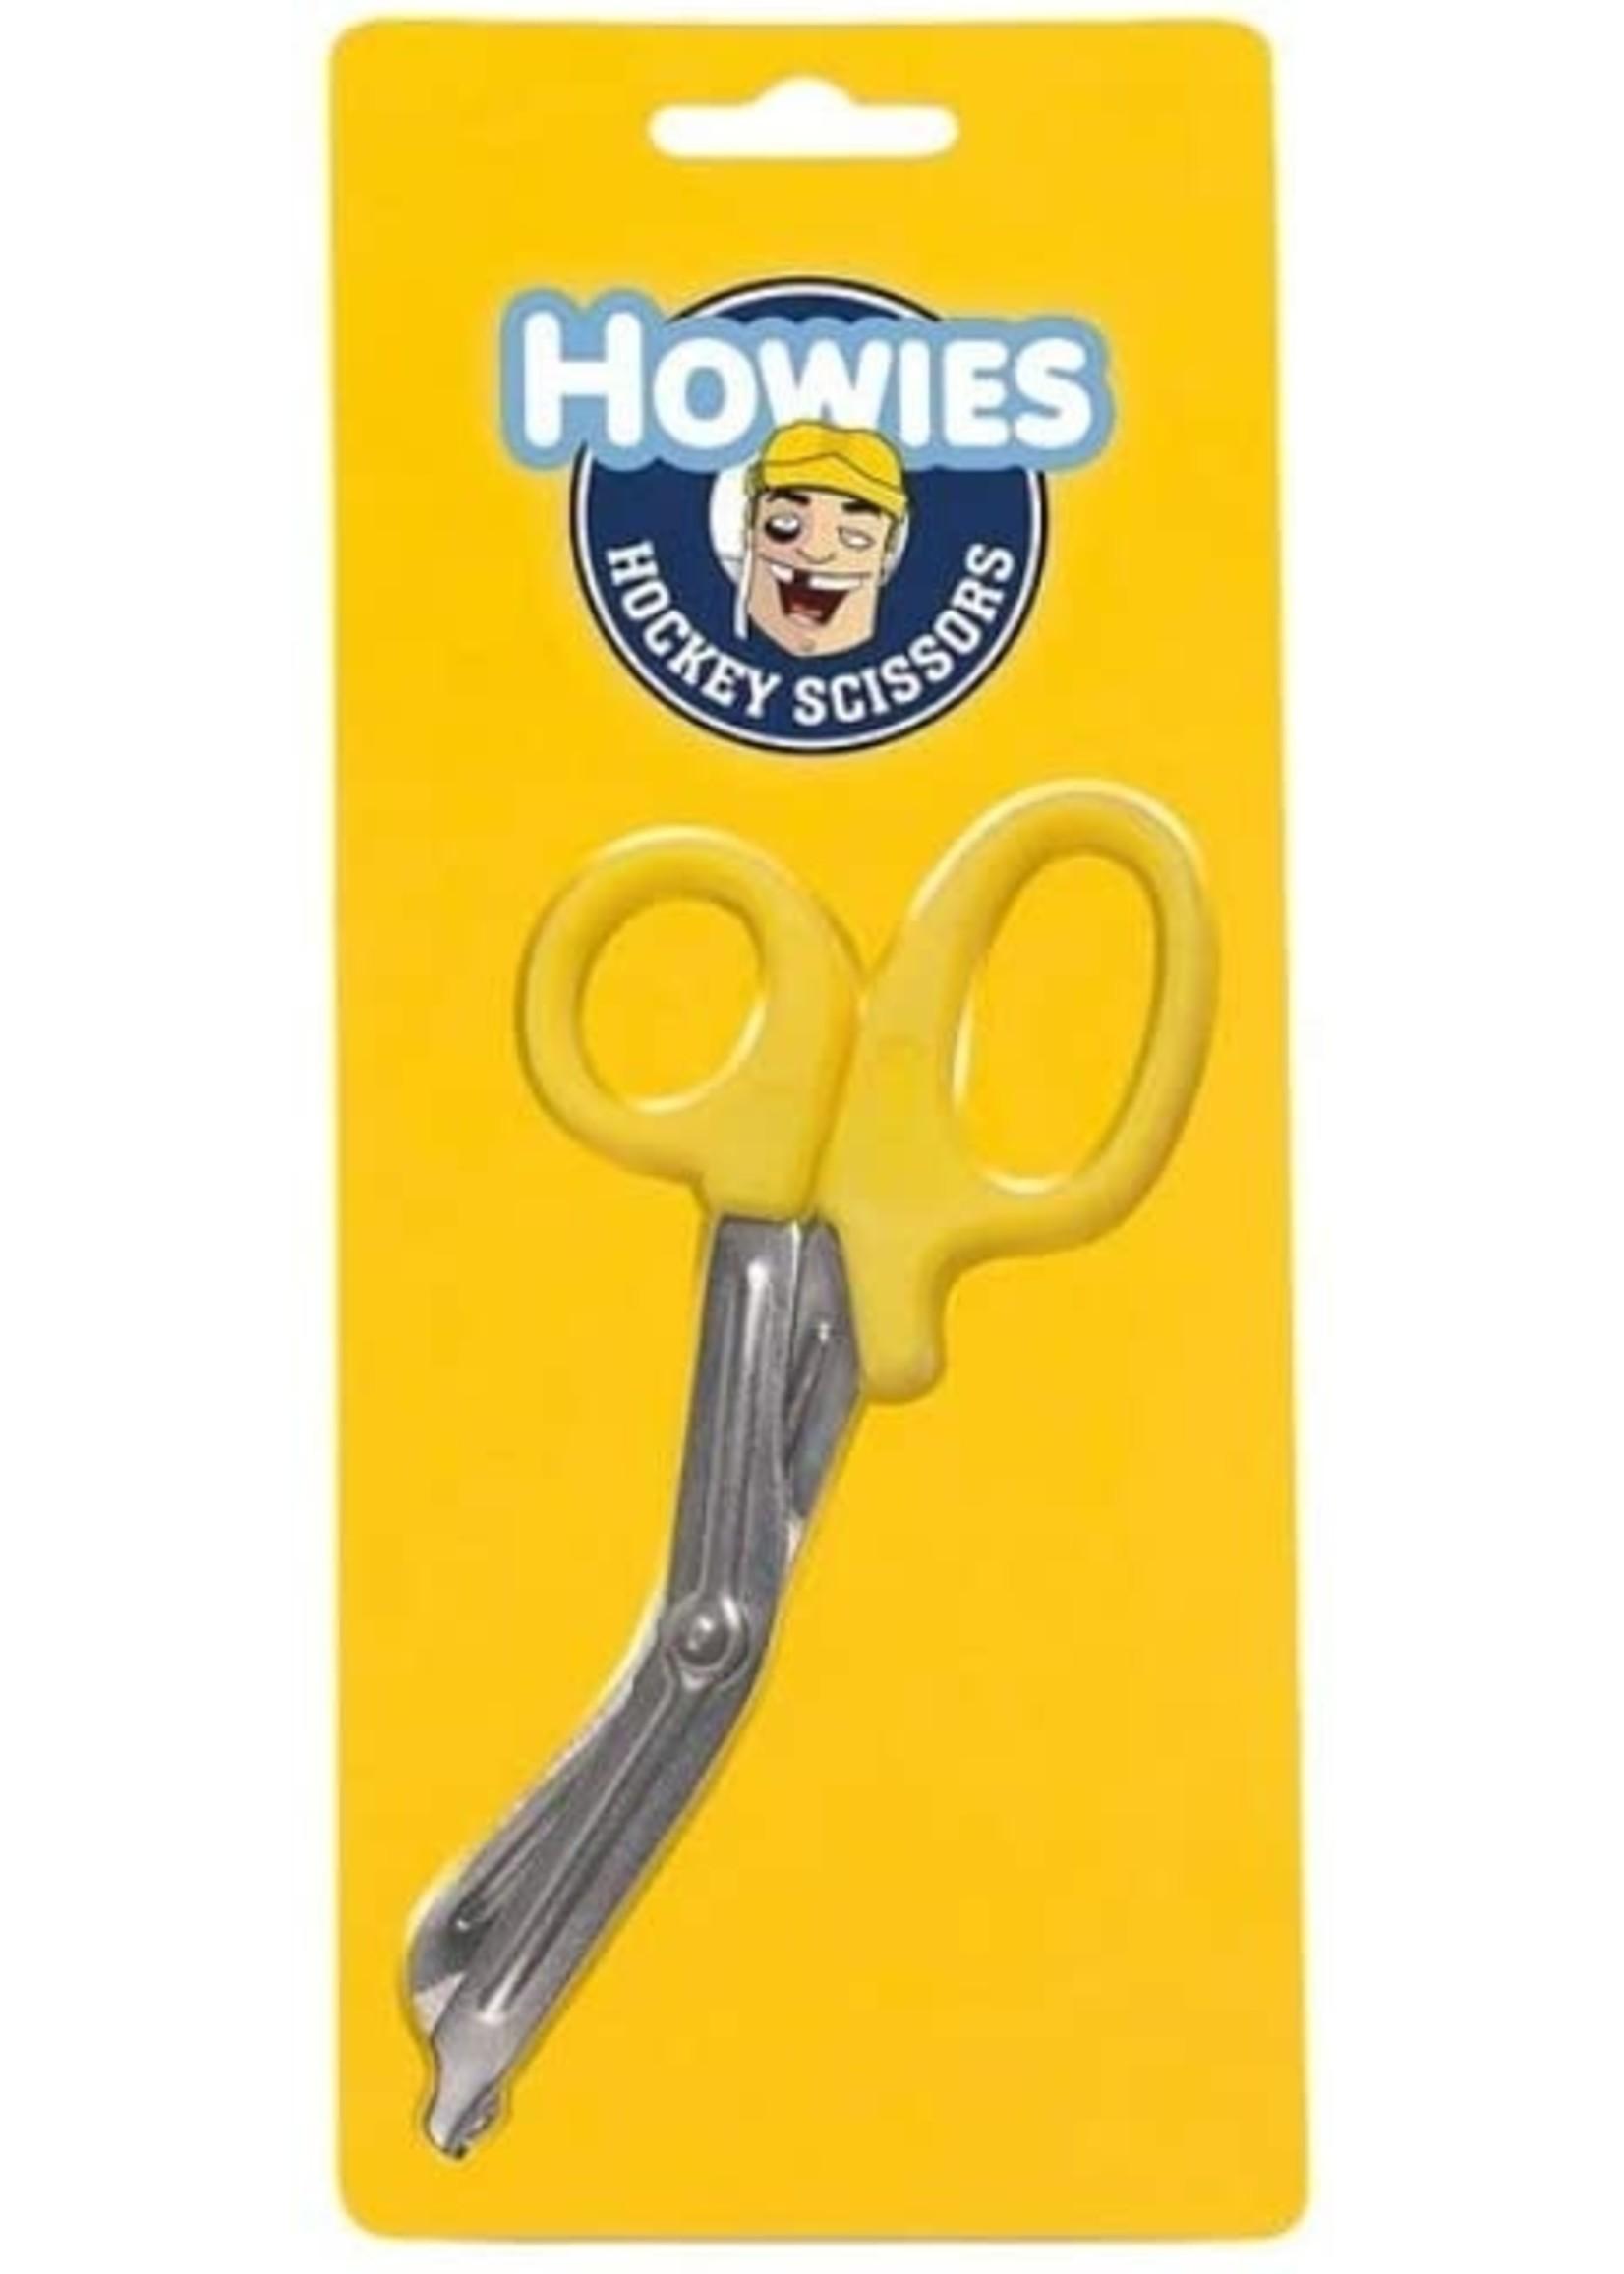 Howies HOWIES HOCKEY SCISSORS